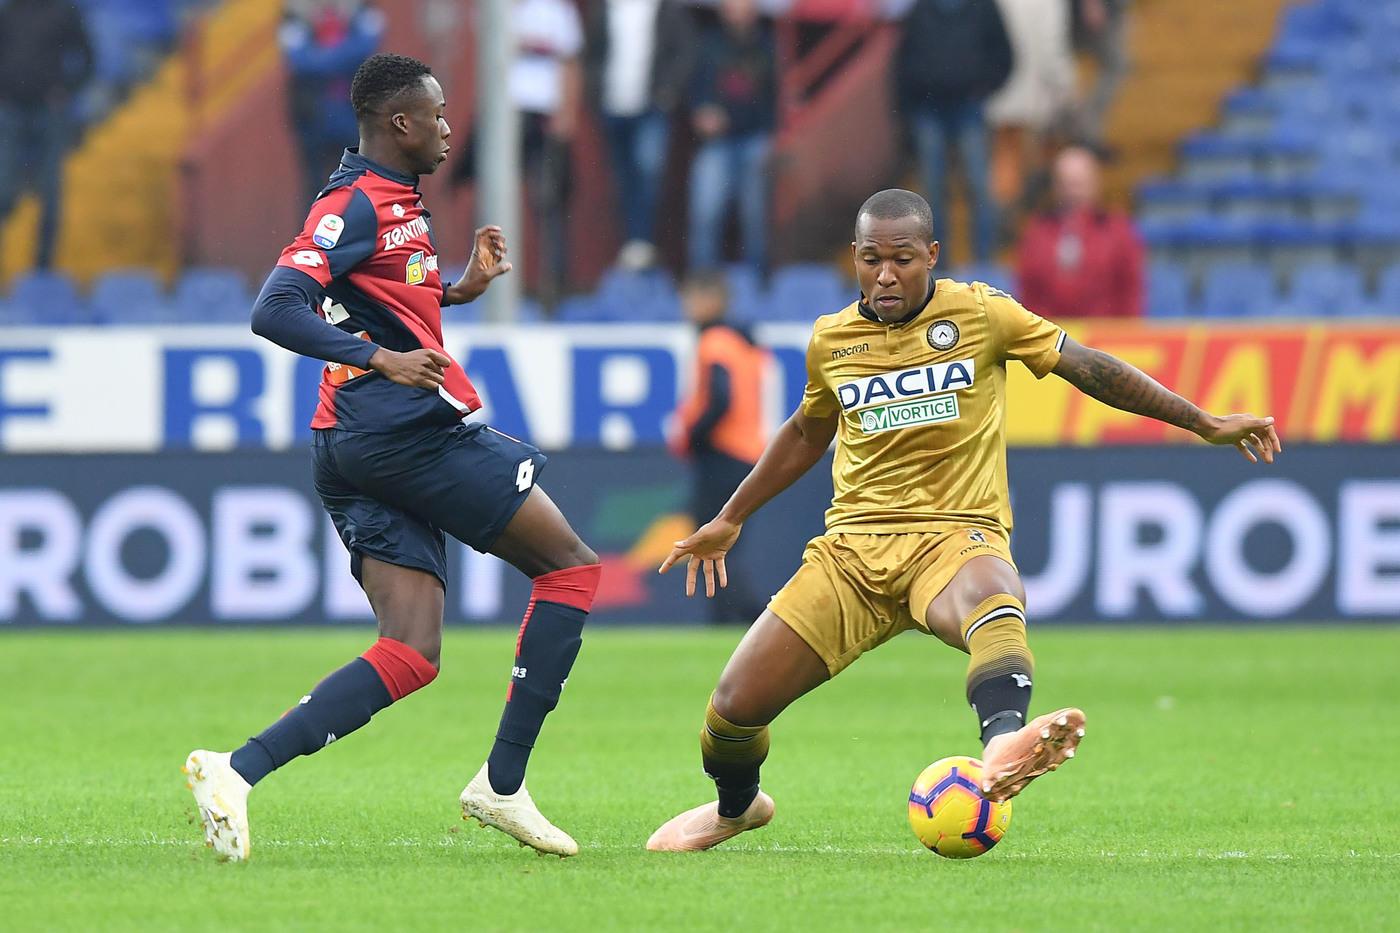 Genoa-Udinese, pari spettacolo a Marassi